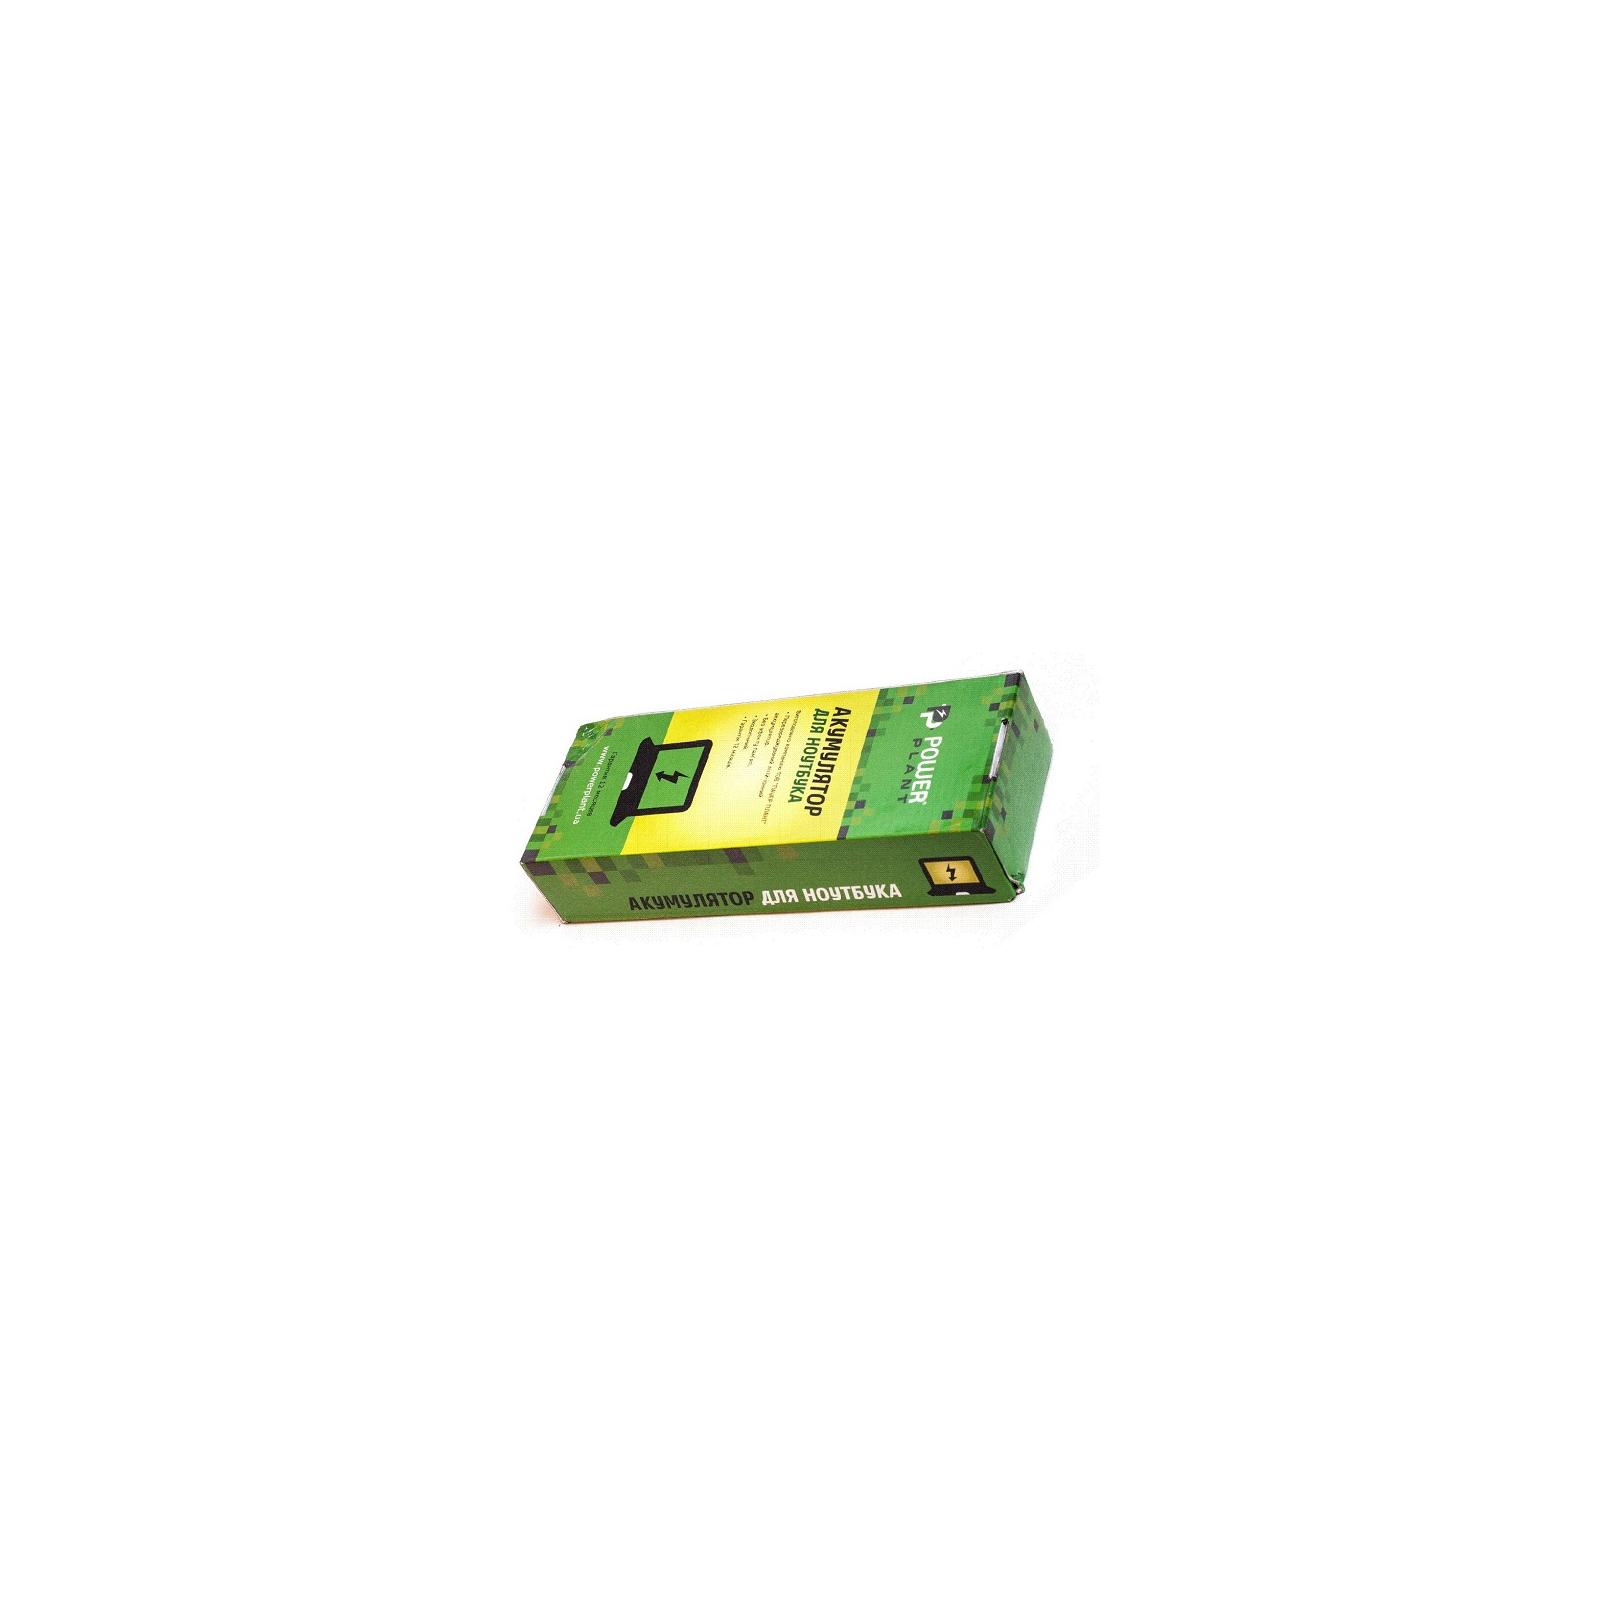 Аккумулятор для ноутбука DELL Studio 1747 ( M909P DE1745-6/1747) 11.1V 5200mAh PowerPlant (NB00000178) изображение 3